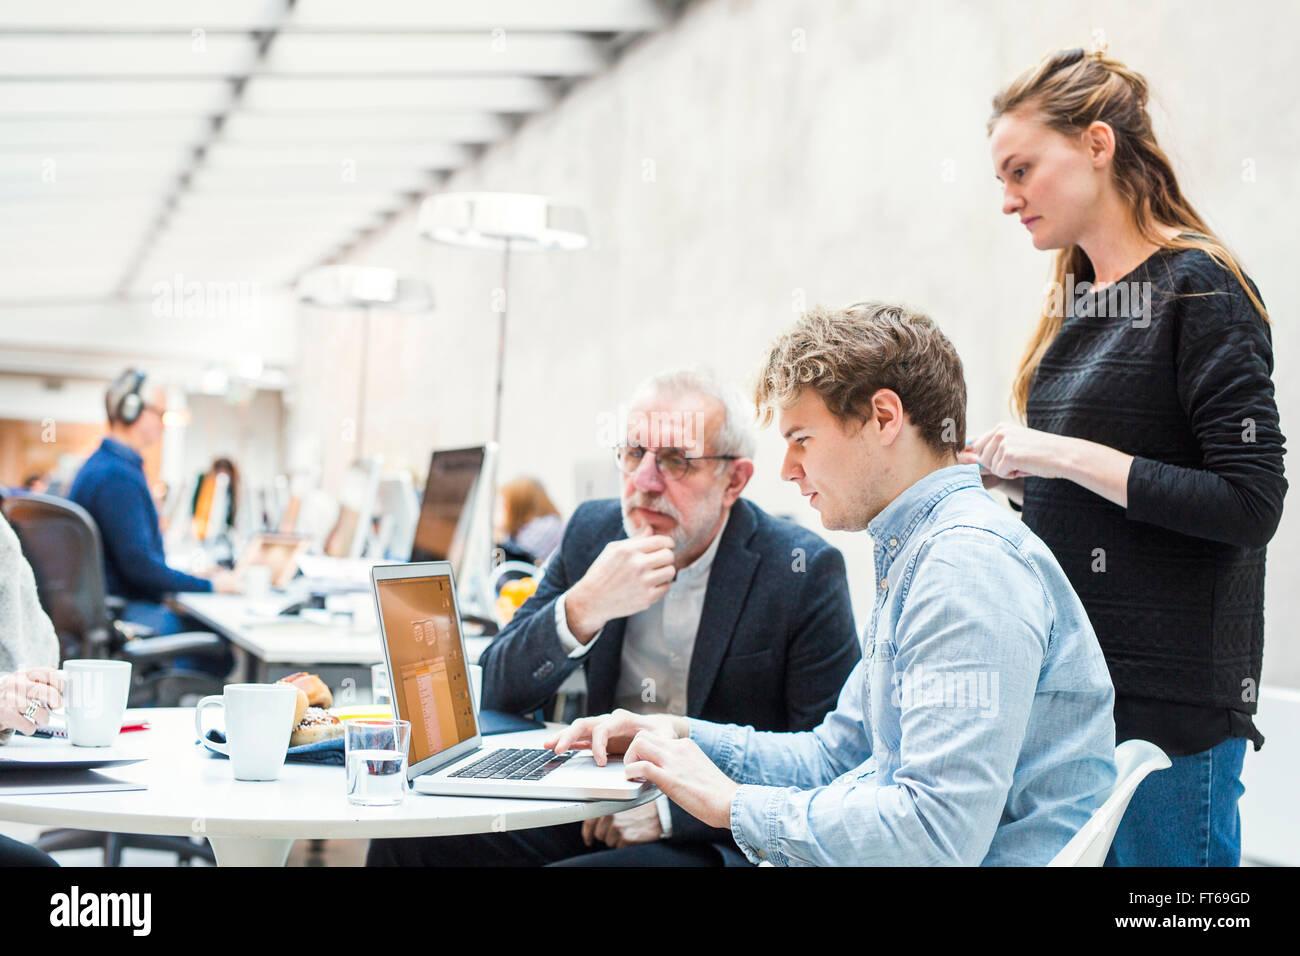 Konzentrierte sich Geschäftsleute Projektvorbereitung auf Laptop im Büro Stockbild